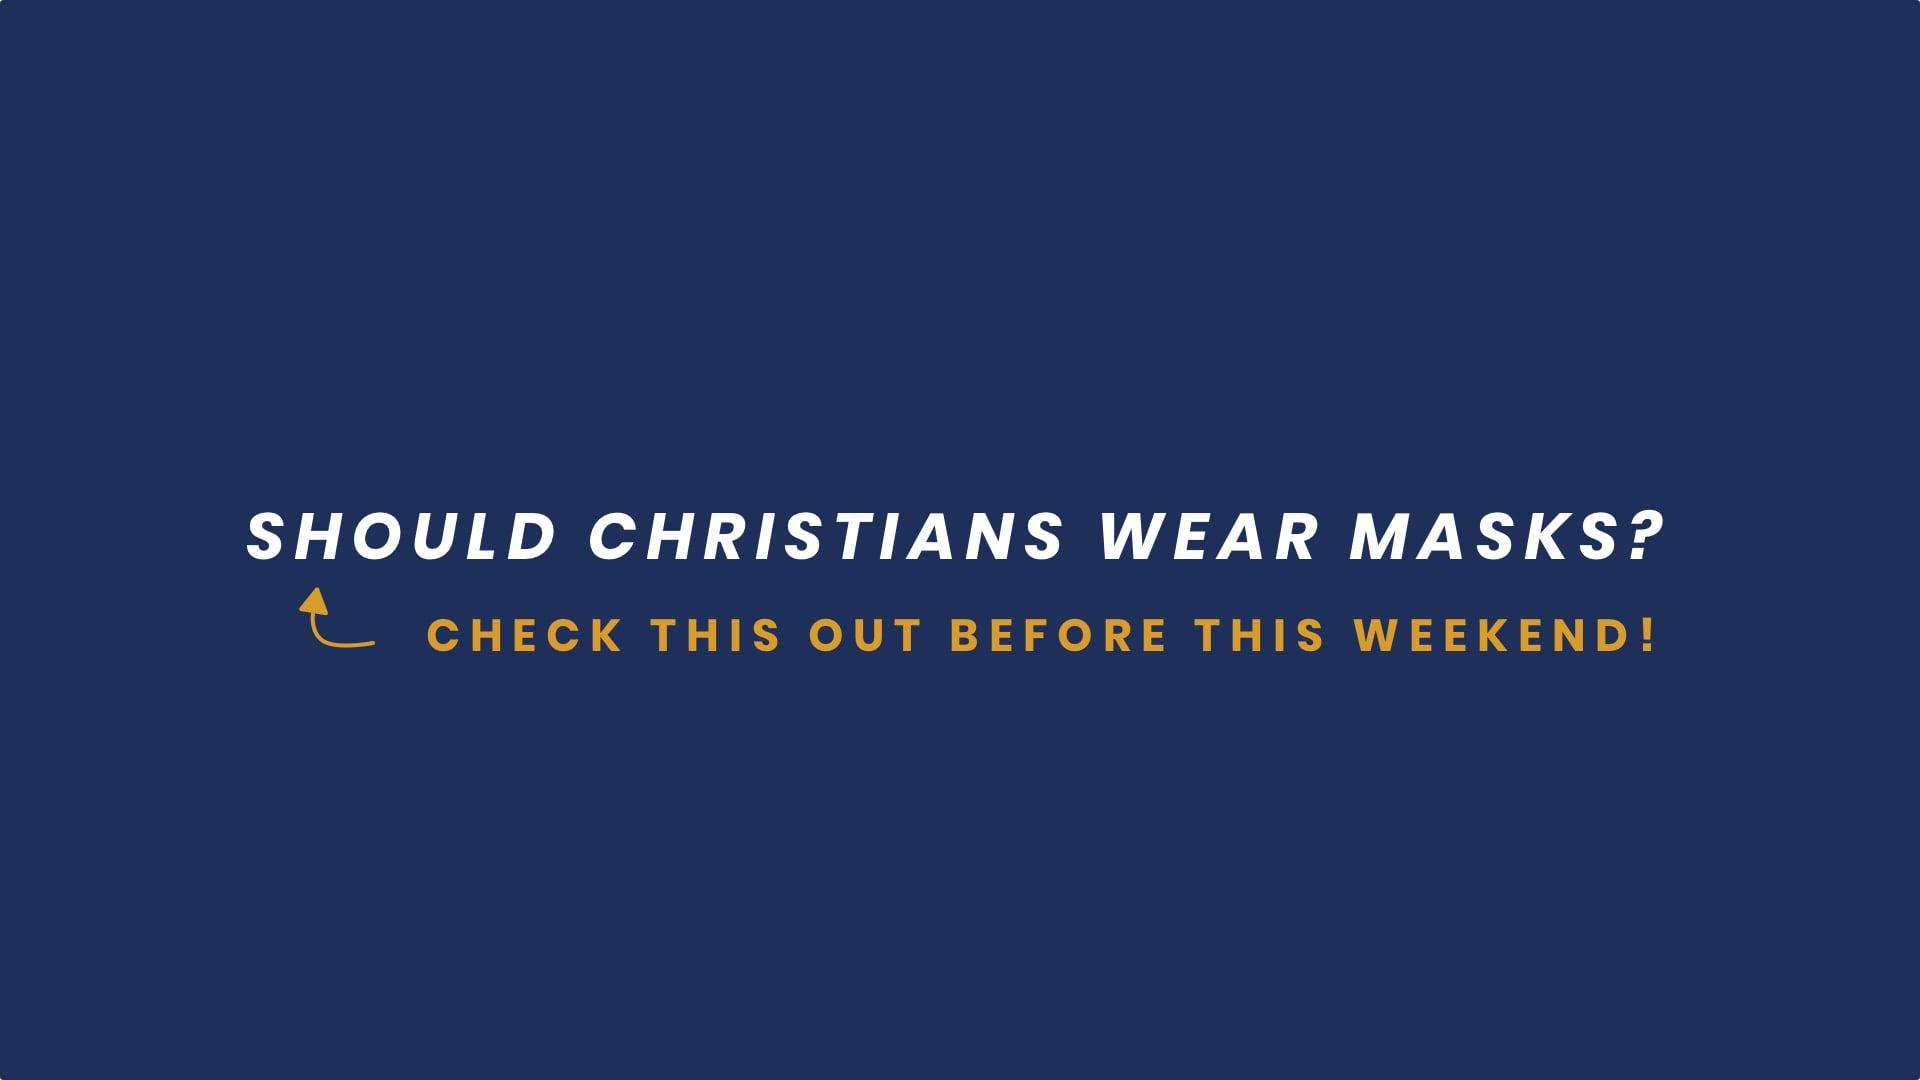 Should Christians Wear Masks?